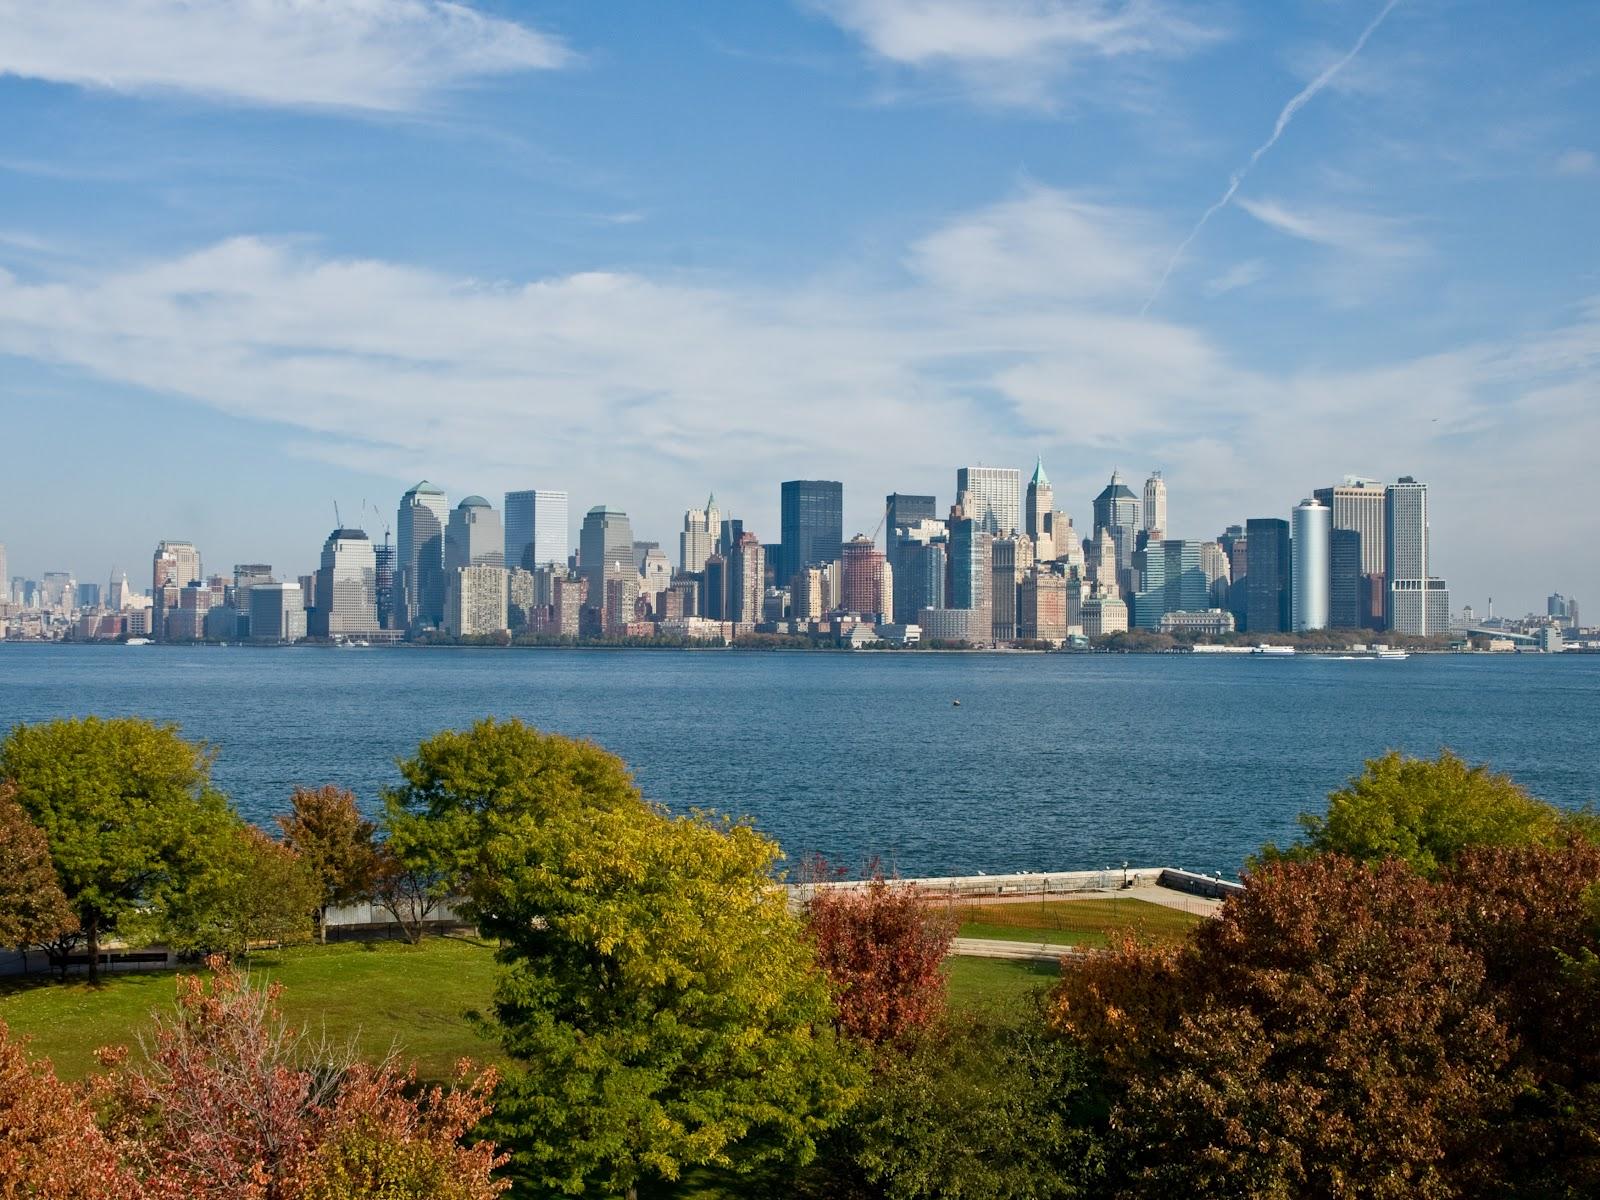 largest city: